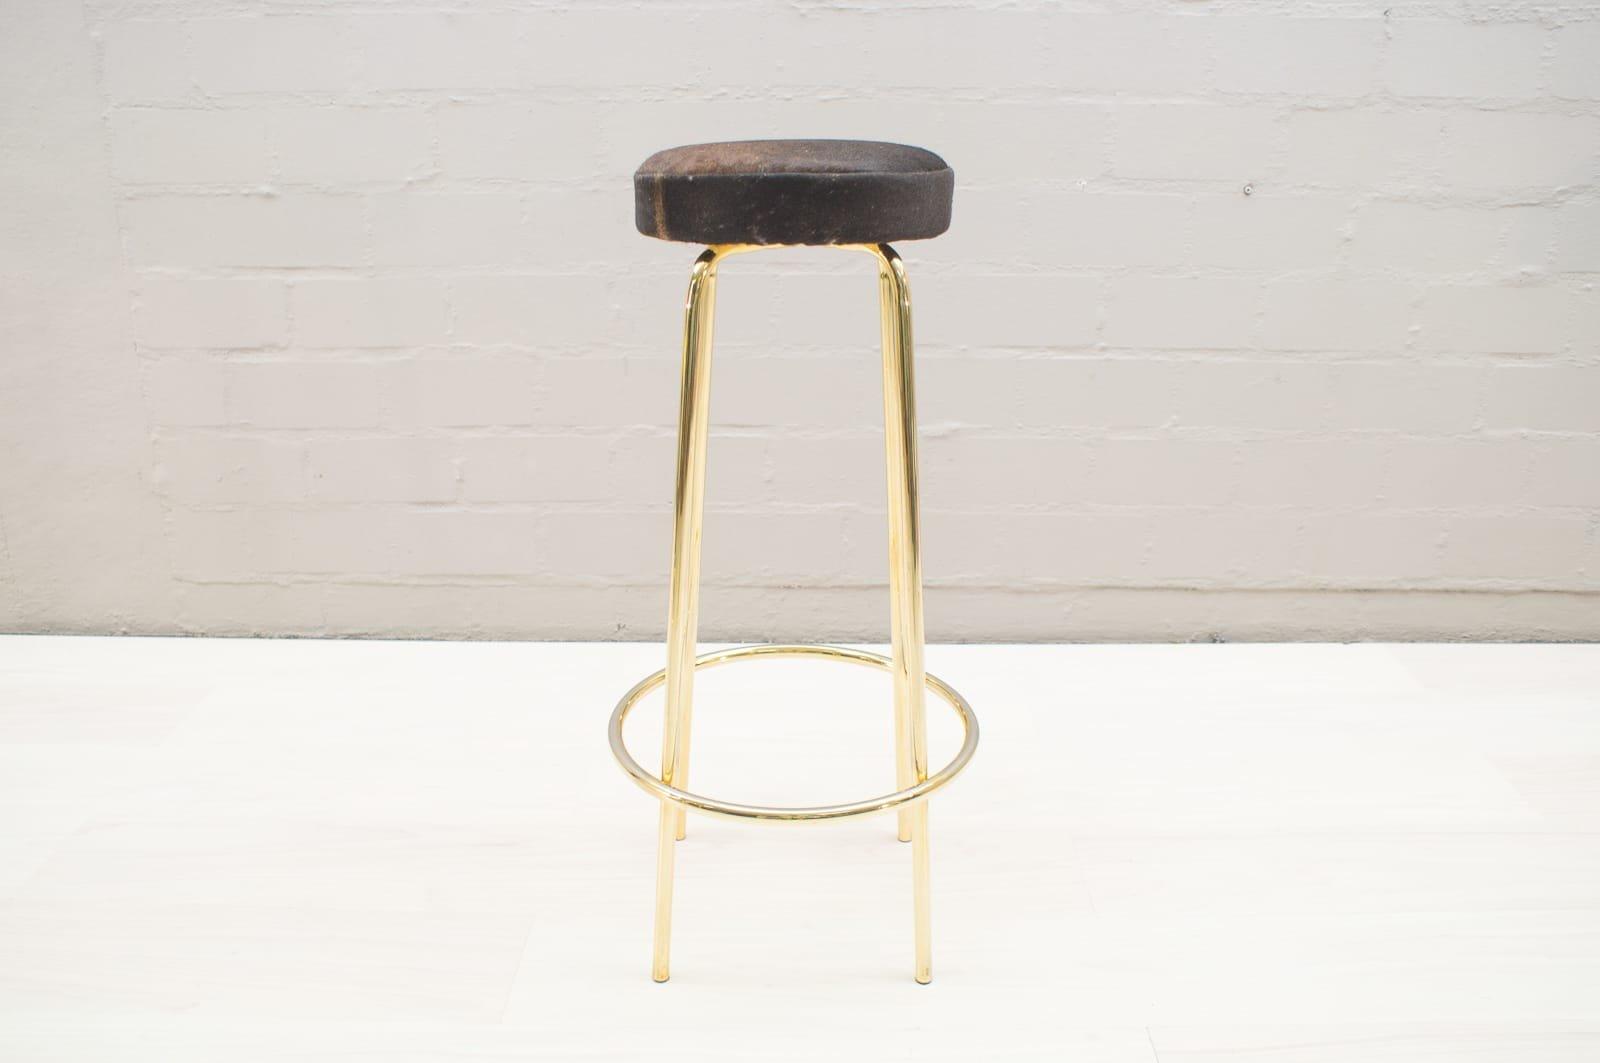 Sgabello Da Bar Moderno In Pelle : Sgabelli da bar mid century dorati in pelle di mucca anni